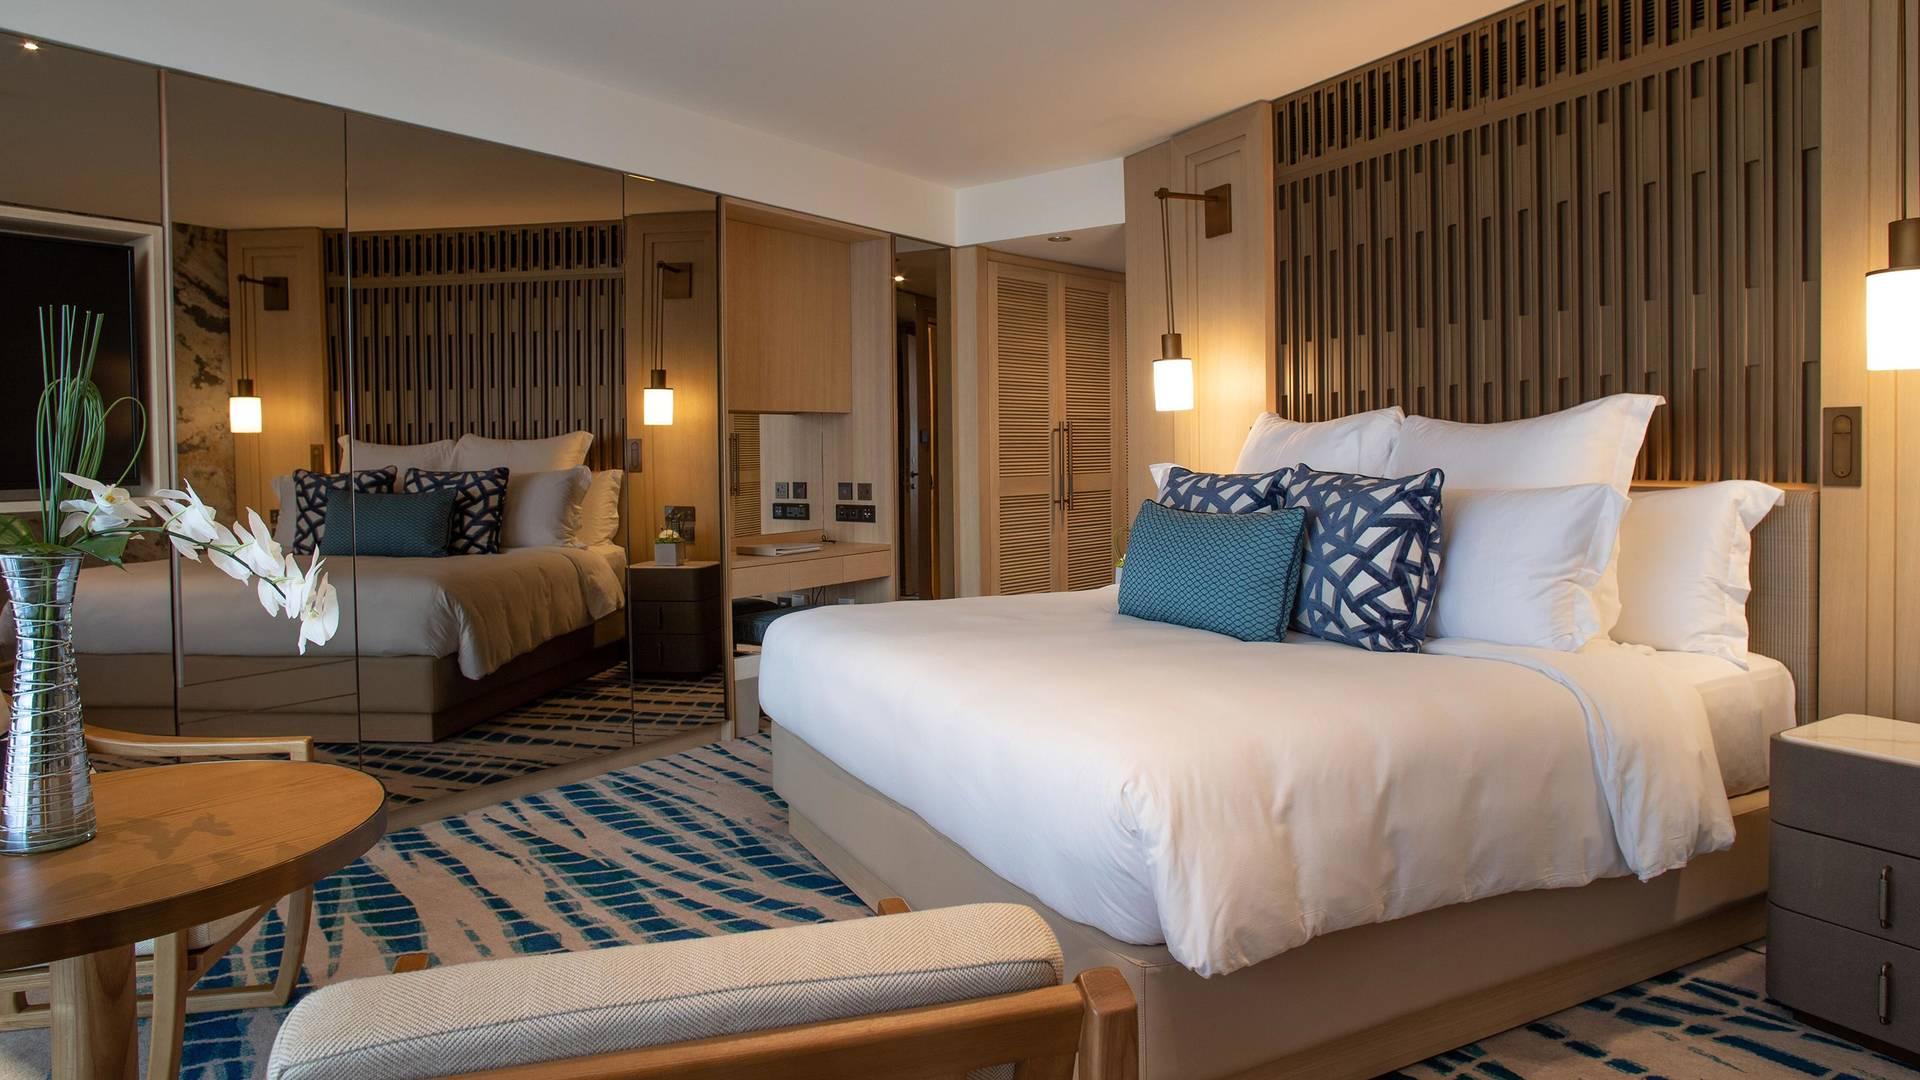 Bedroom in the Ocean Deluxe Room of Jumeirah Beach Hotel